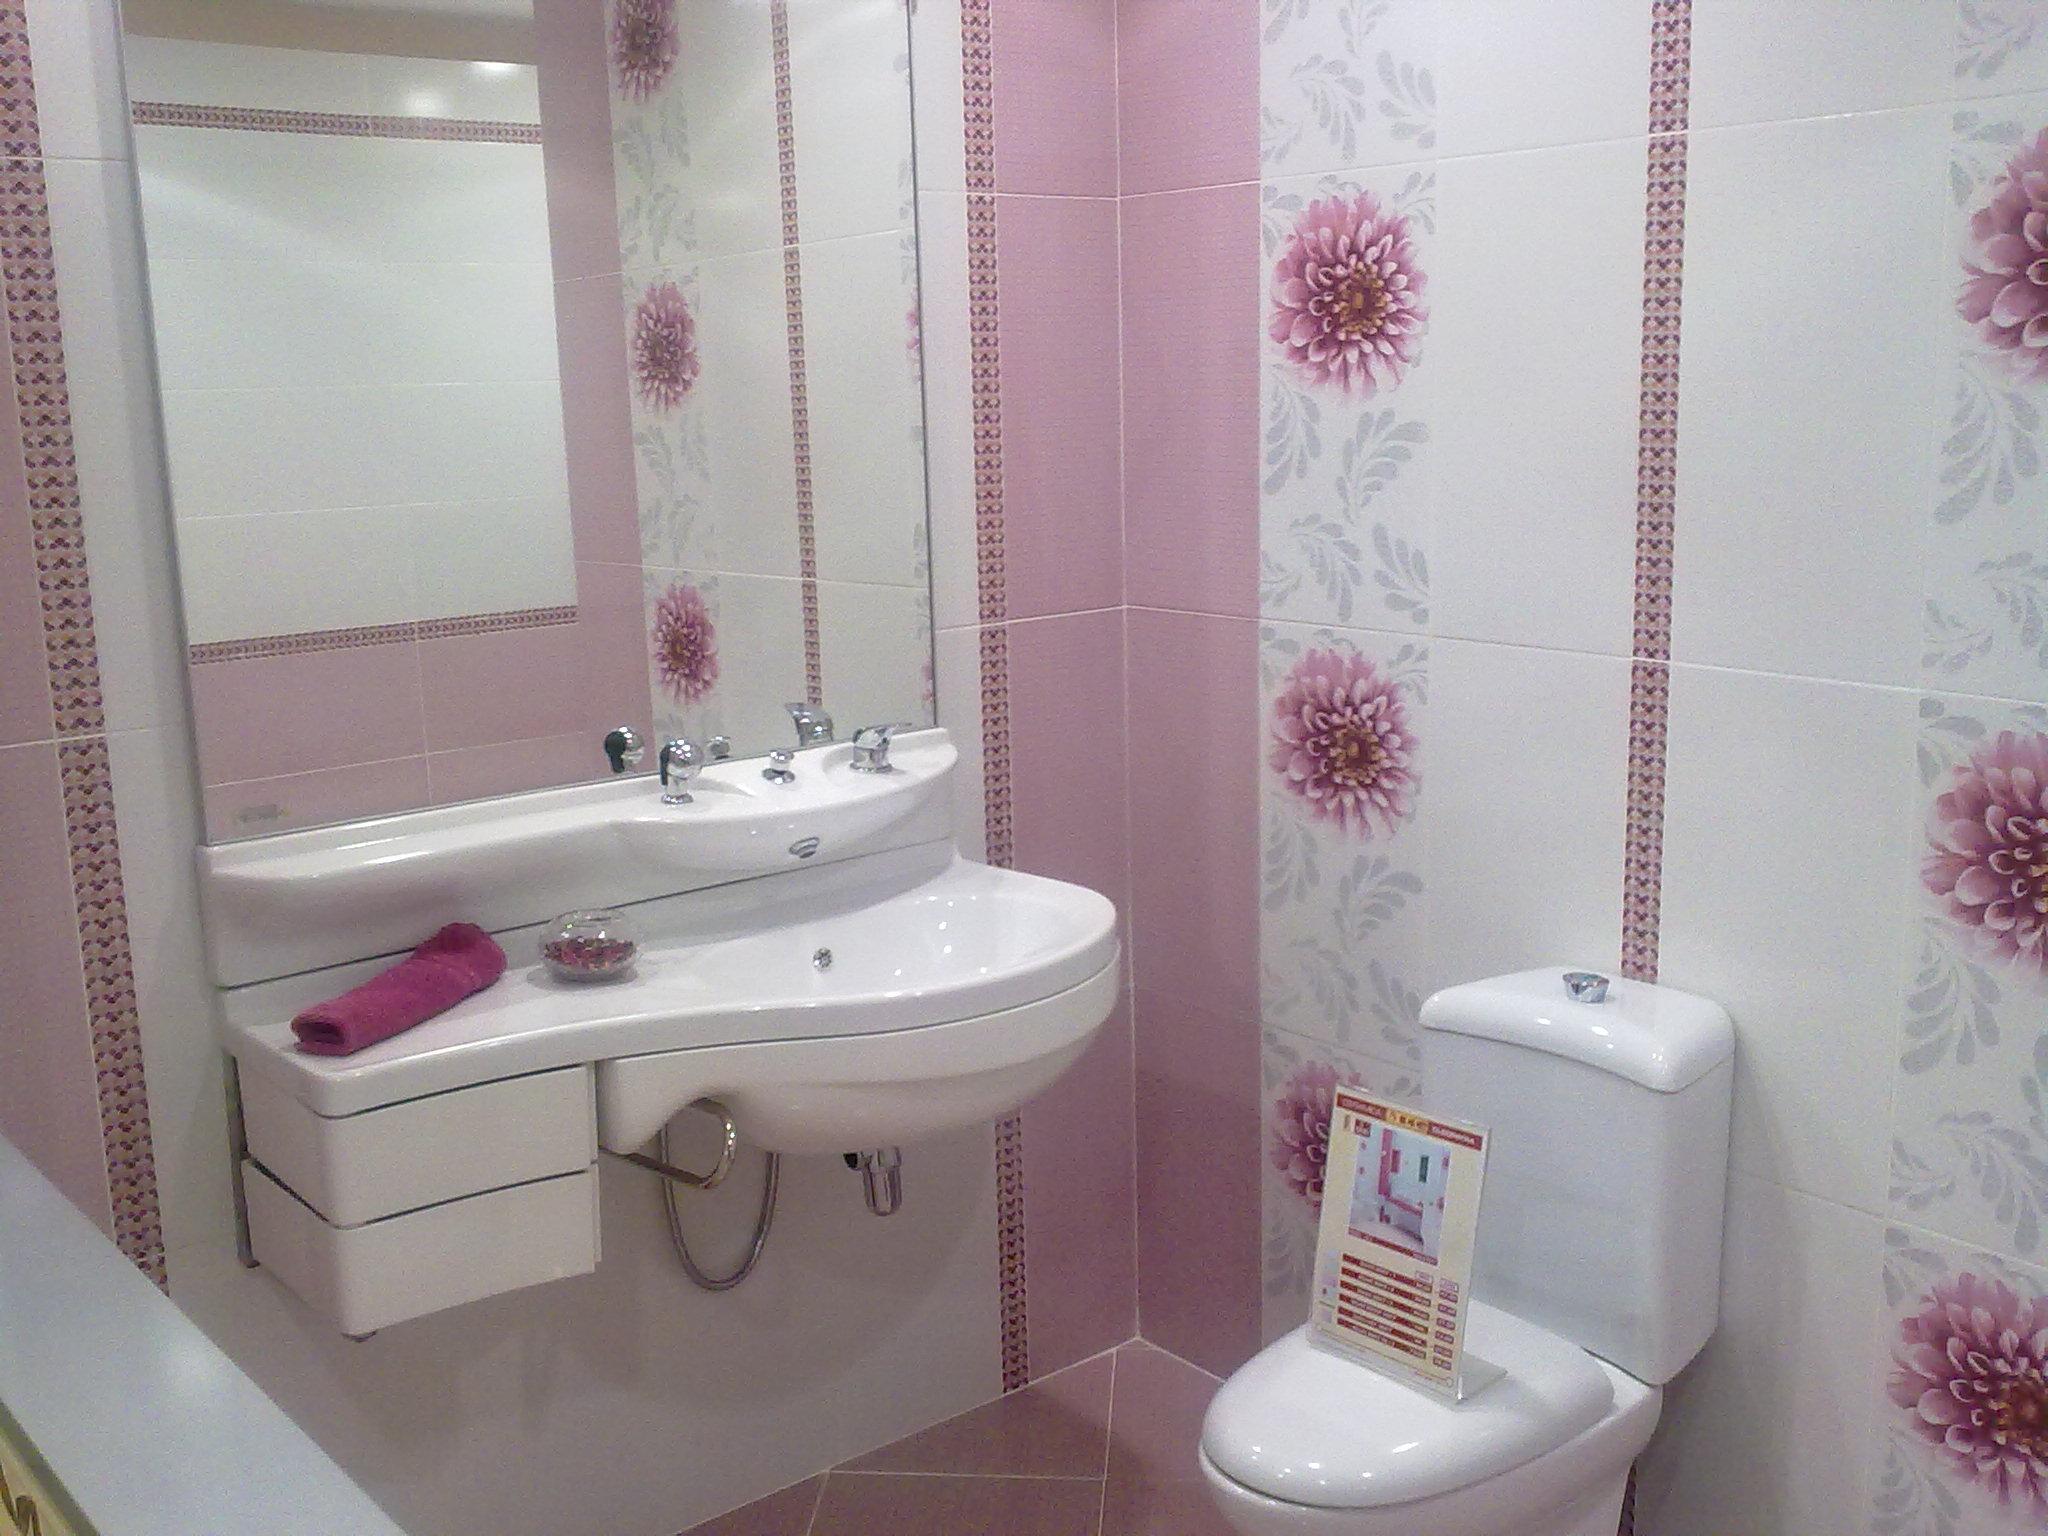 حمامات صغيرة بالصور بديكورات حمام مودرن ميكساتك